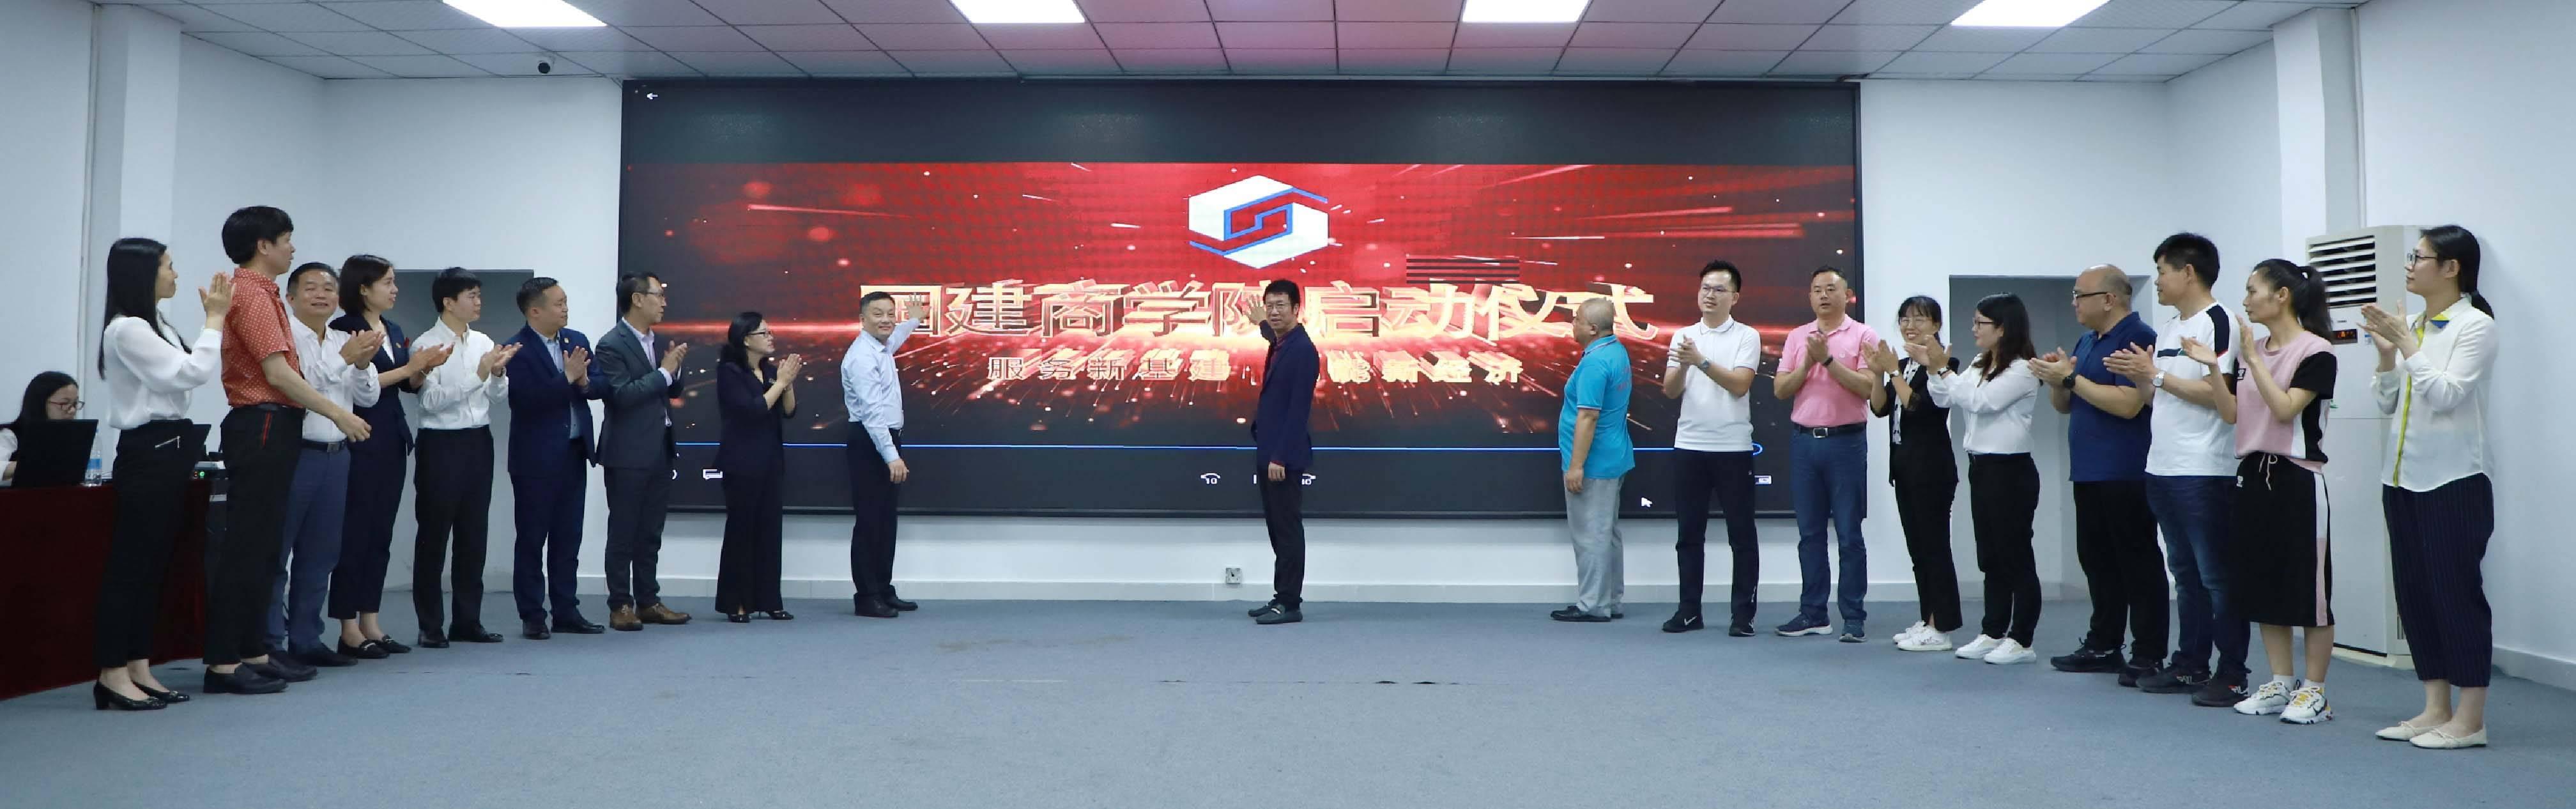 工程咨询机会的整个过程现已在深圳建立,以服务于新的基础设施并增强新经济的能力